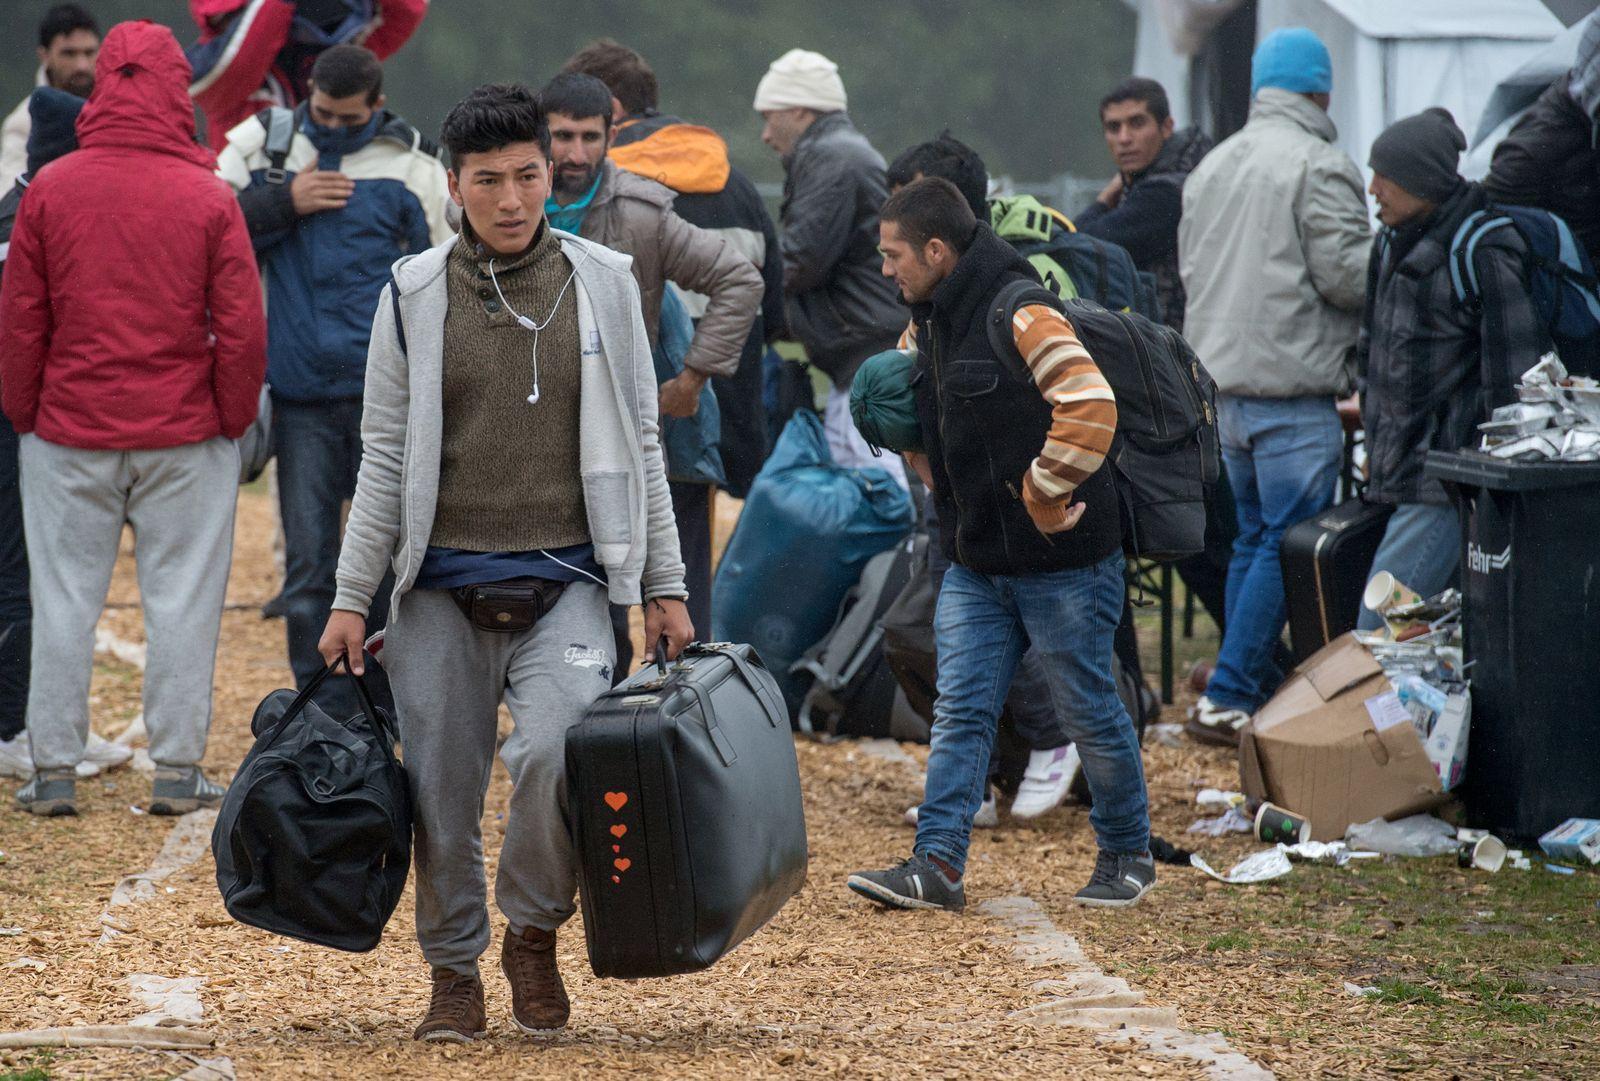 Flüchtlinge verlassen Zeltstadt in Hessen